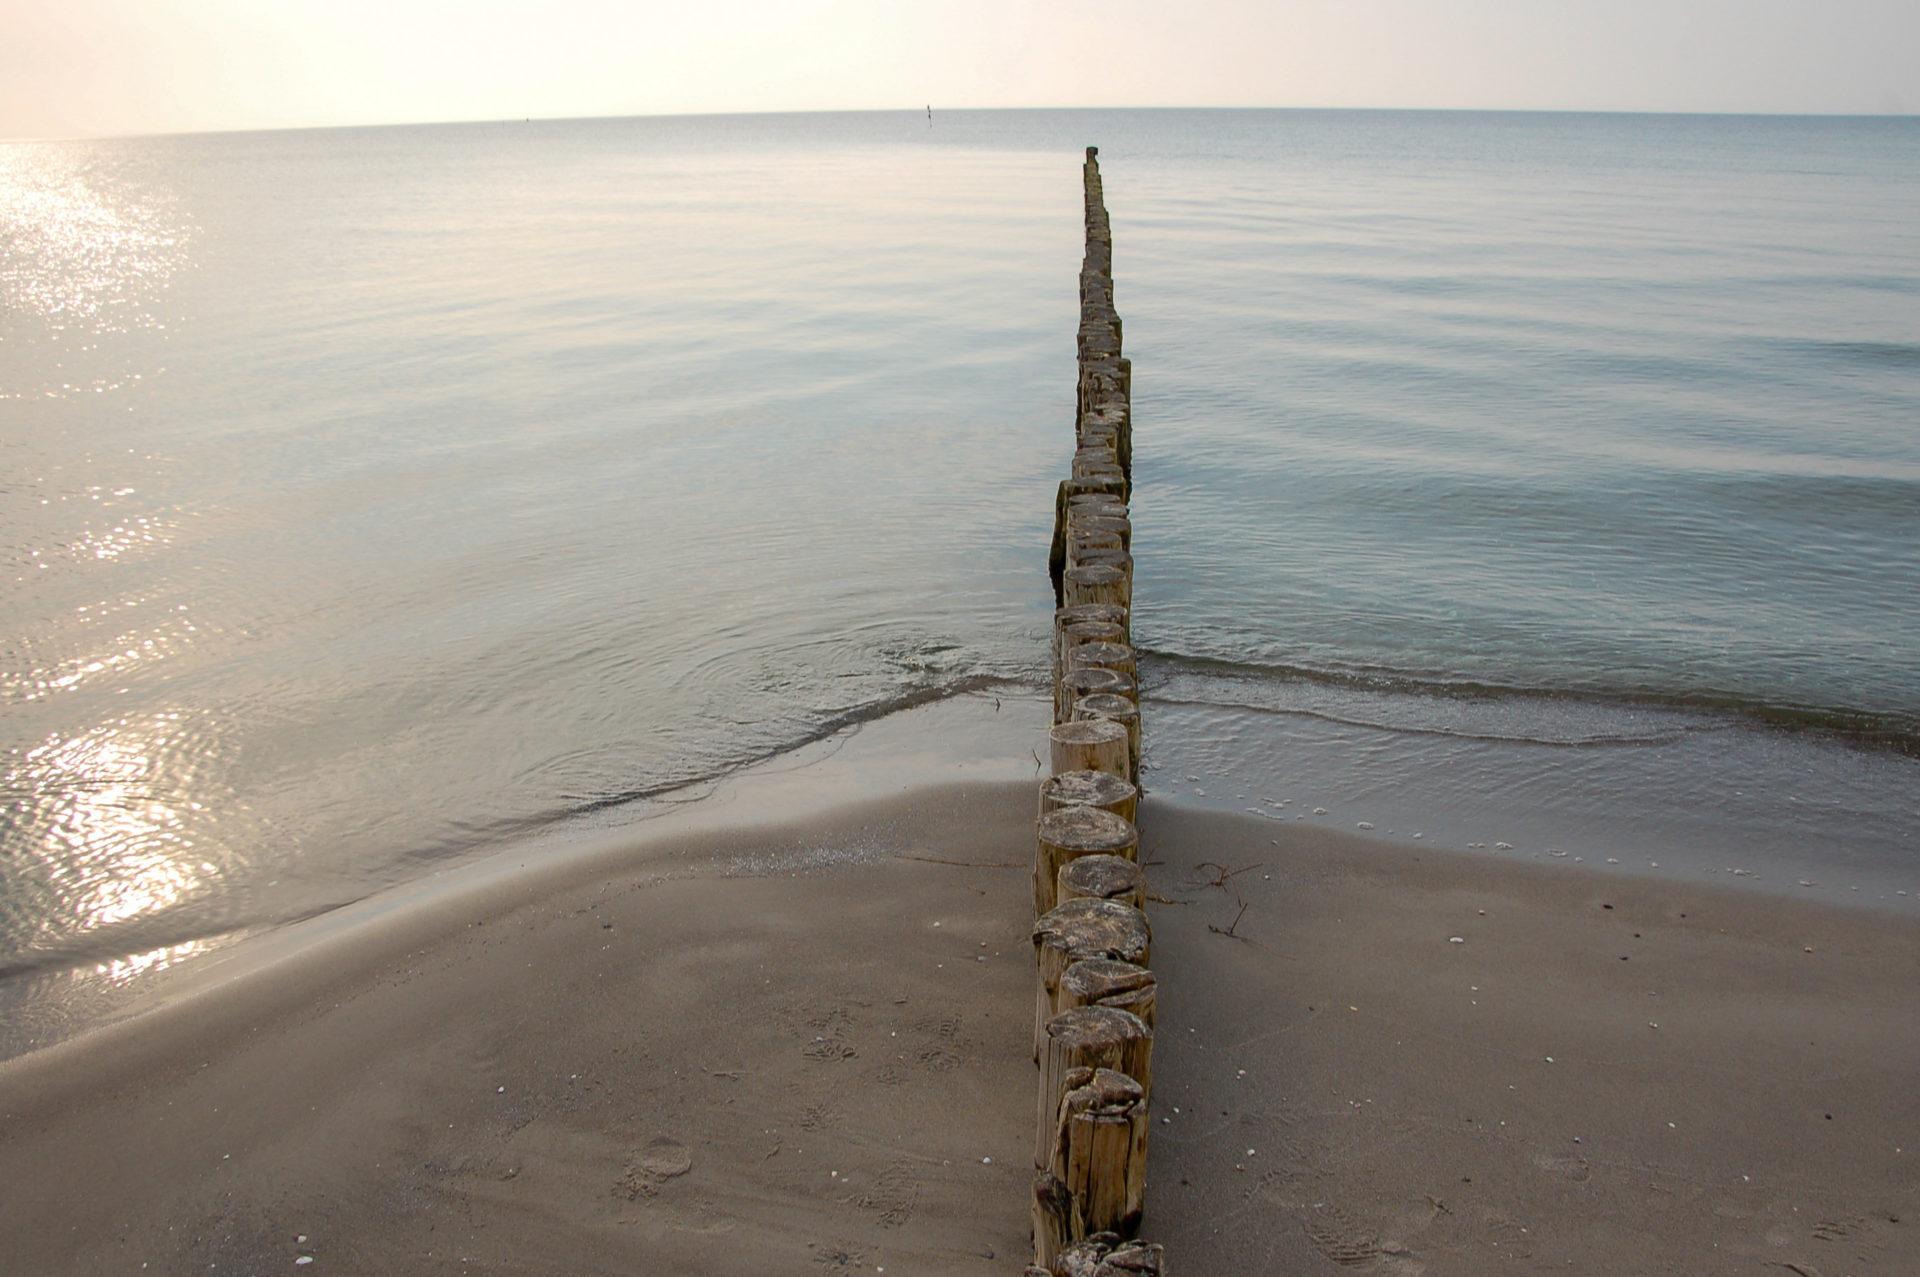 Buhne in der Ostsee auf Hiddensee